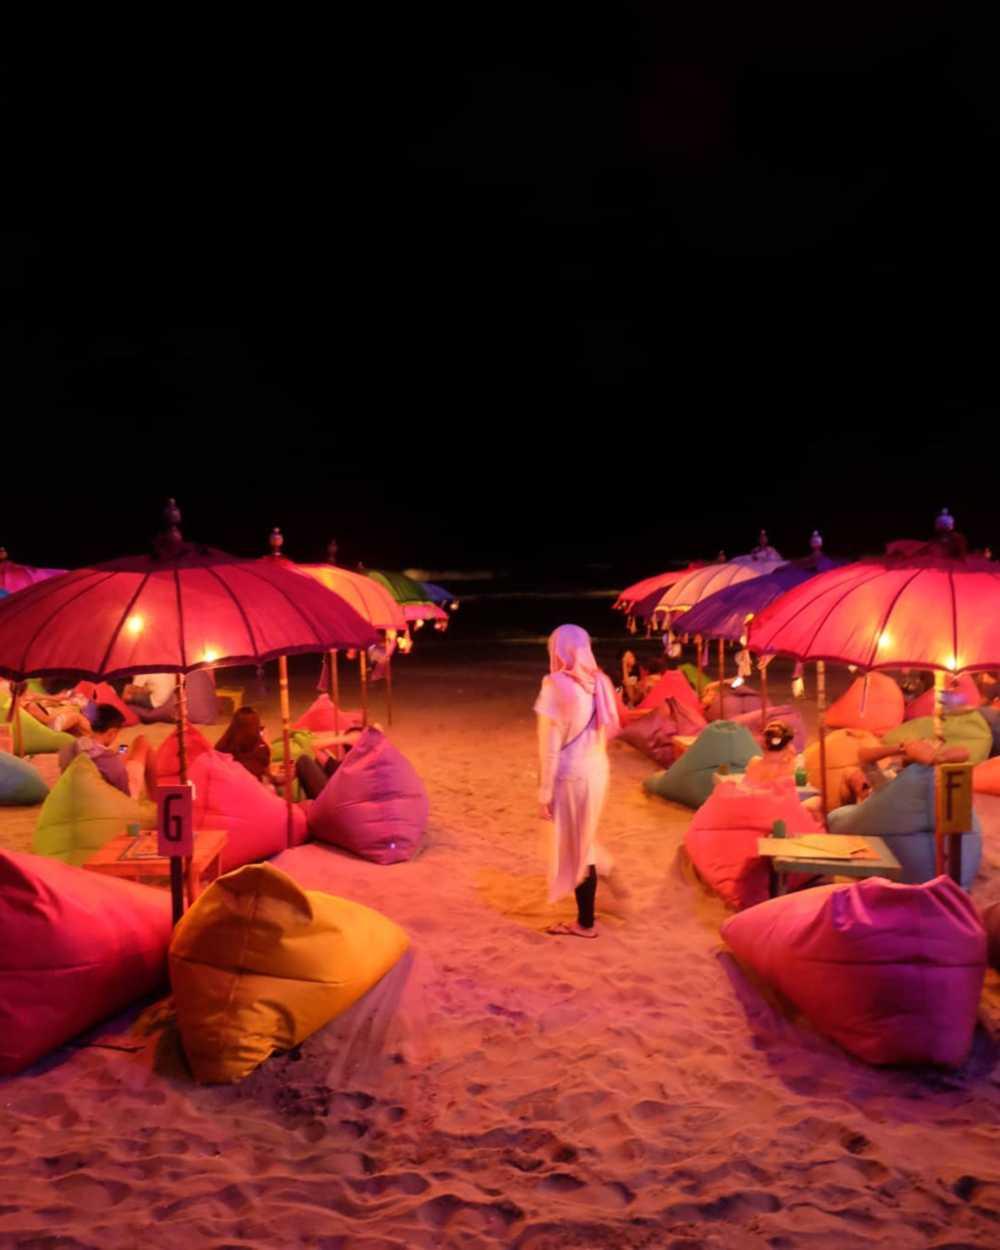 Pantai seminyak nightlife